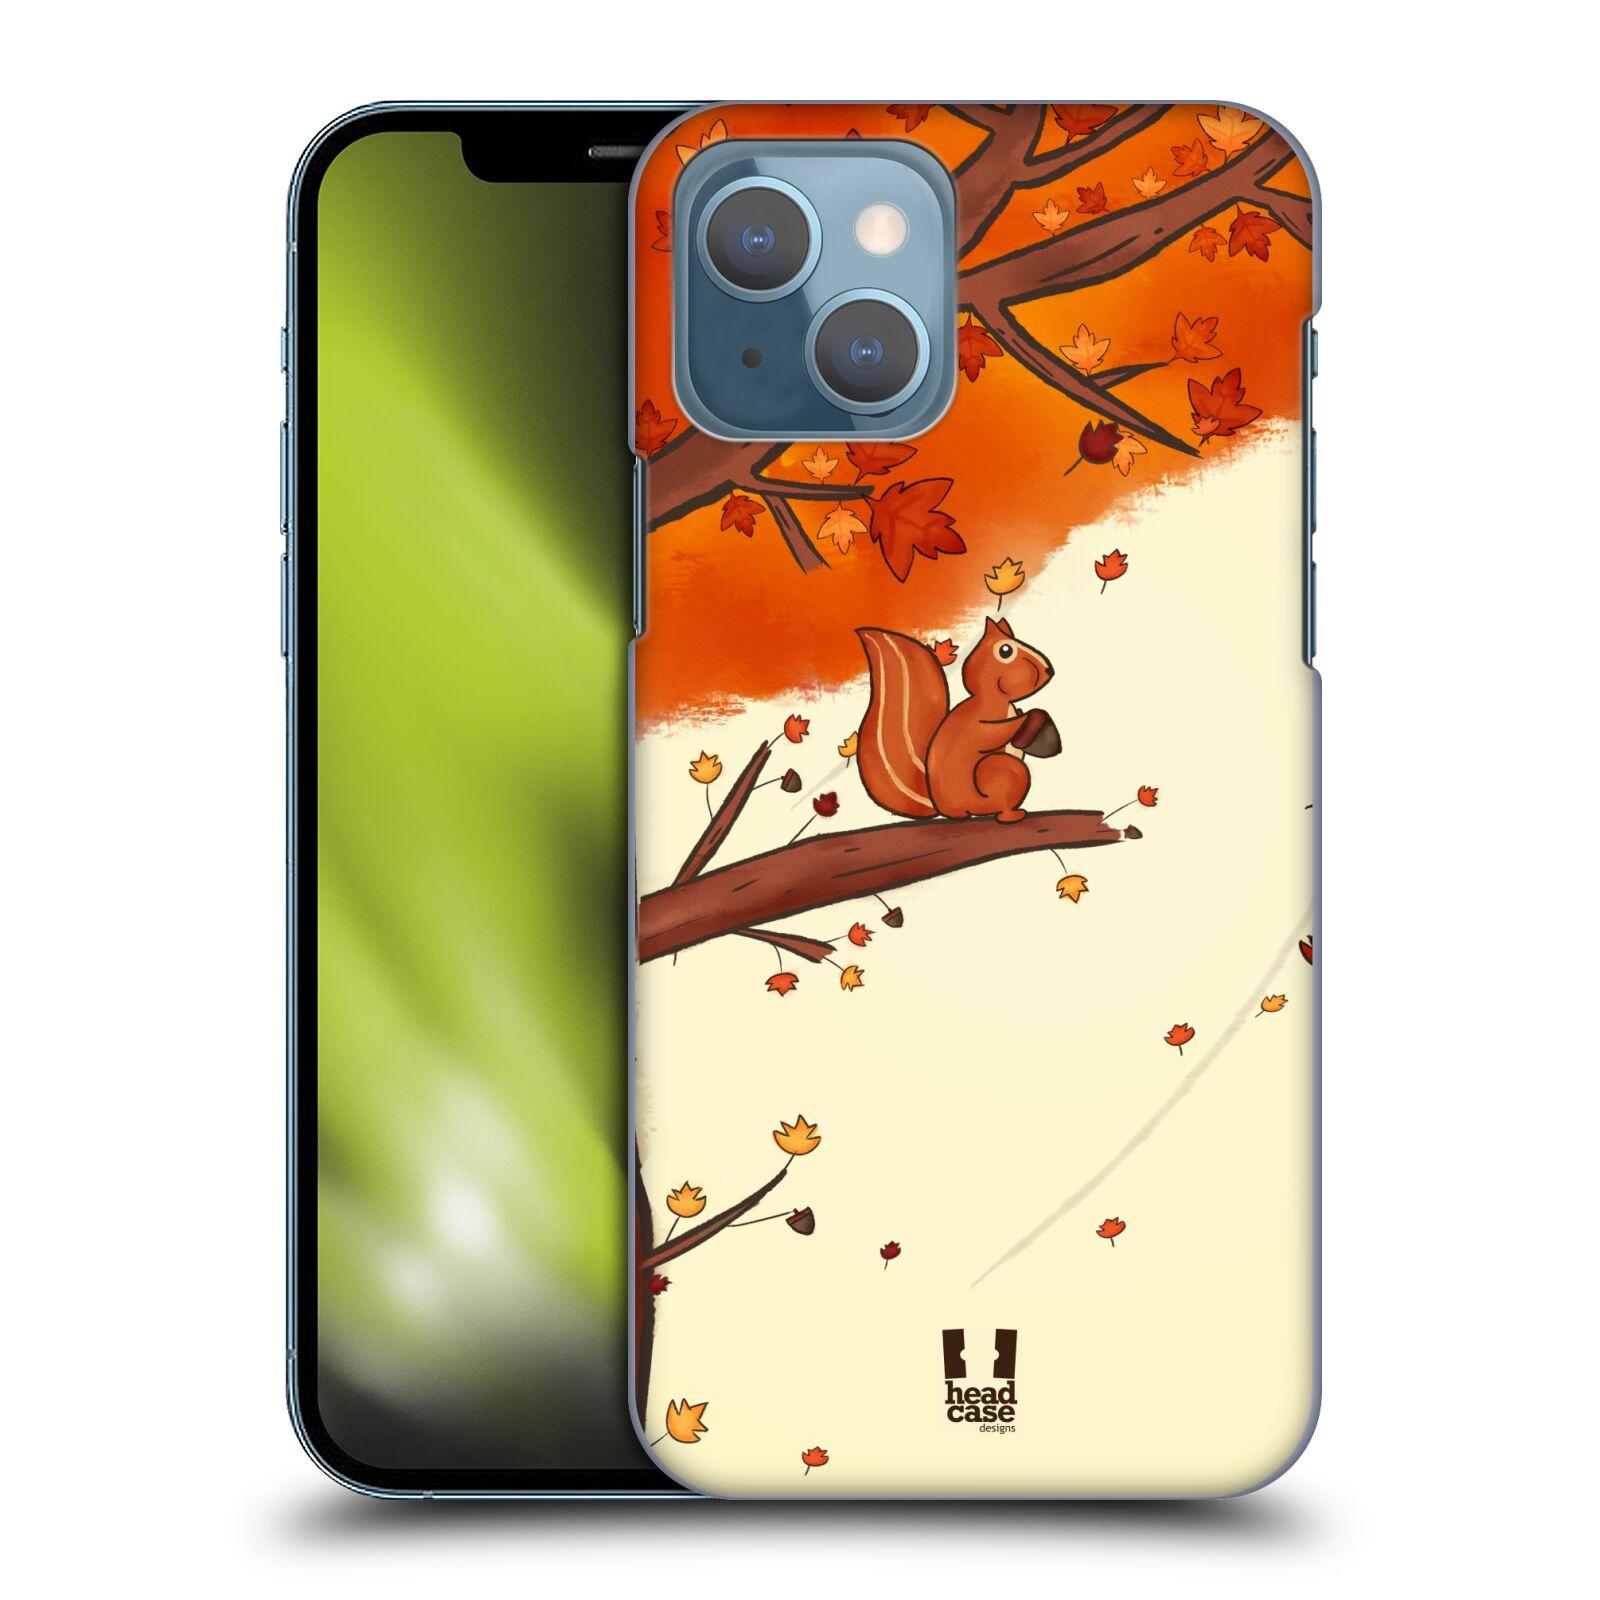 Plastové pouzdro na mobil Apple iPhone 13 - Head Case - PODZIMNÍ VEVERKA